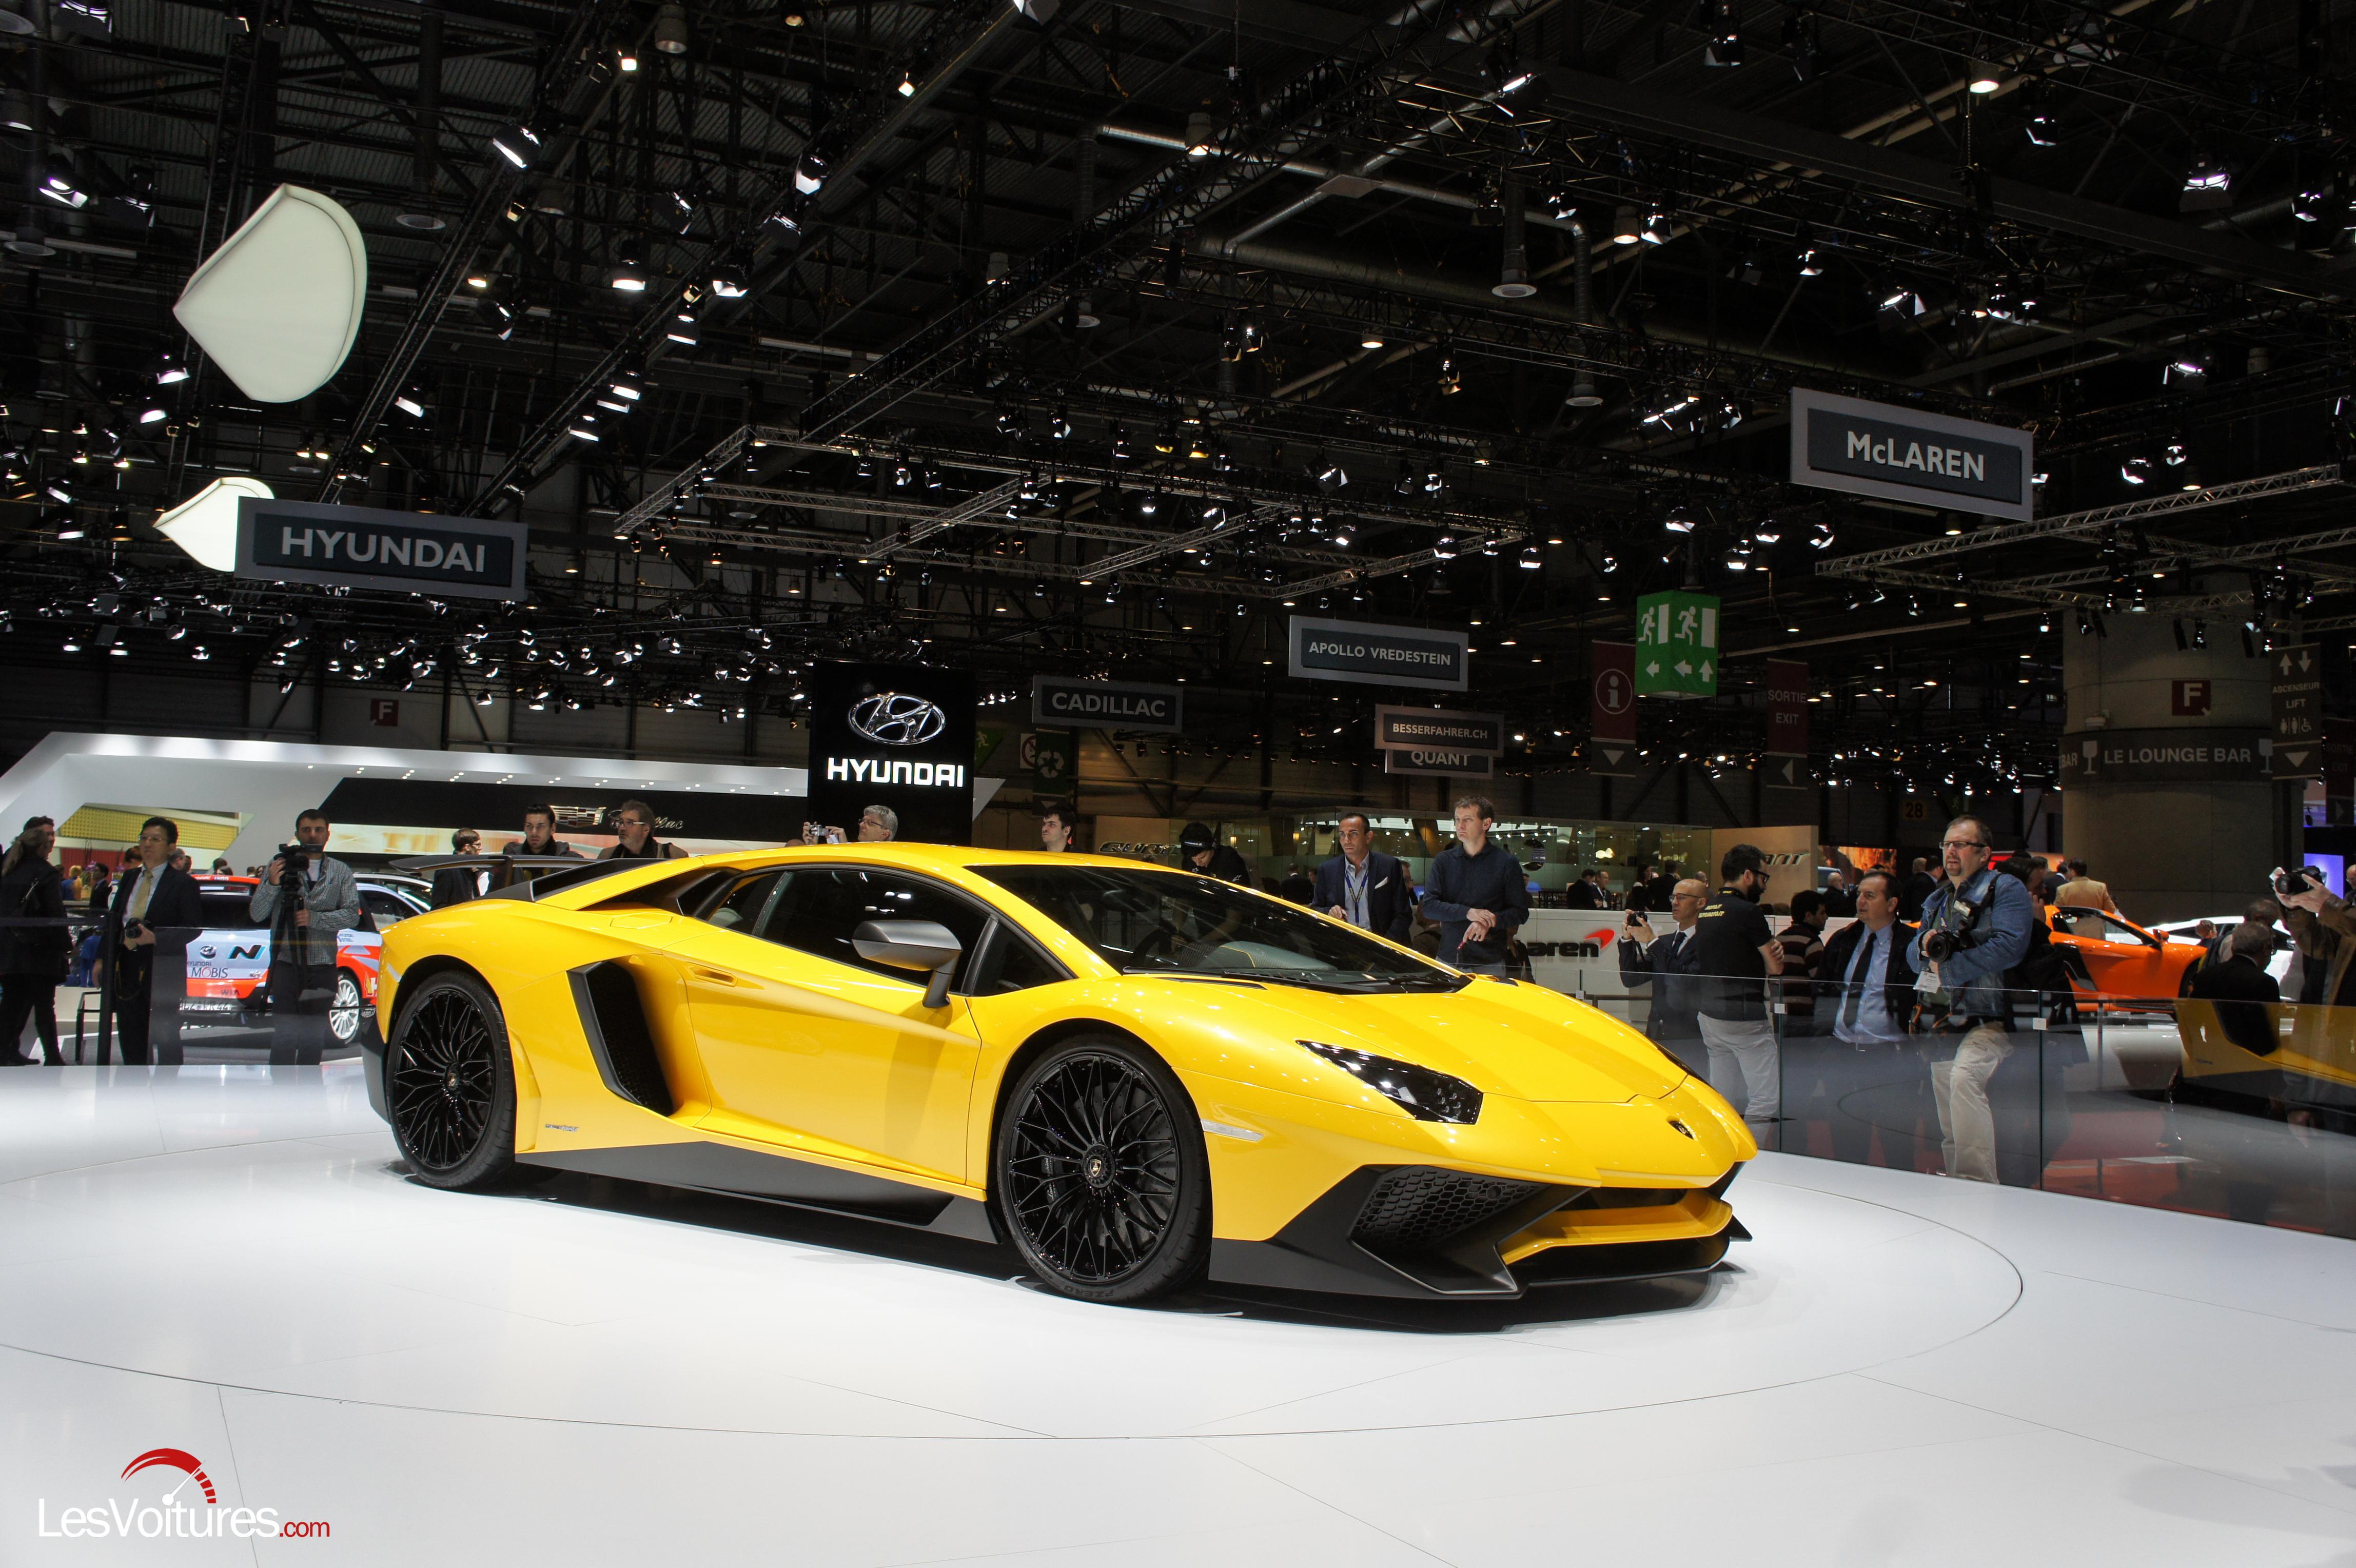 Salon-Genève-2015-12-Lamborghini-Aventador-LP-750-4-sv-Super-Veloce